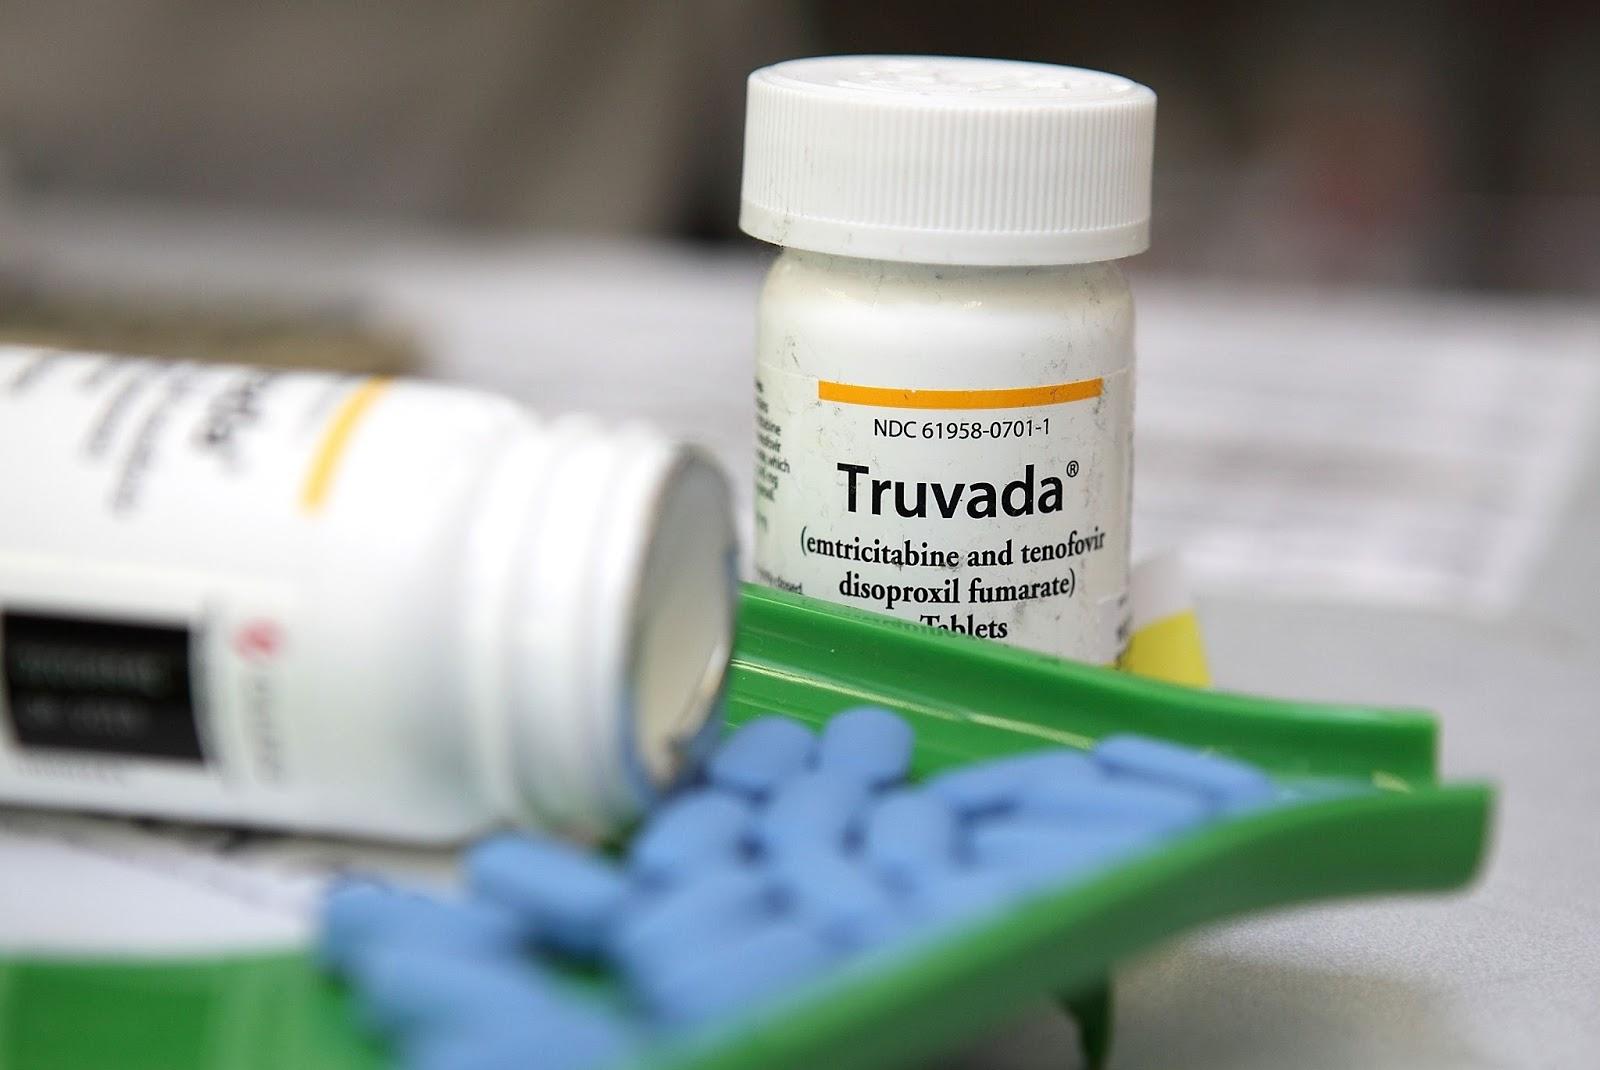 Saiba os efeitos do remédio anti-HIV e como será usado para prevenir a infecção